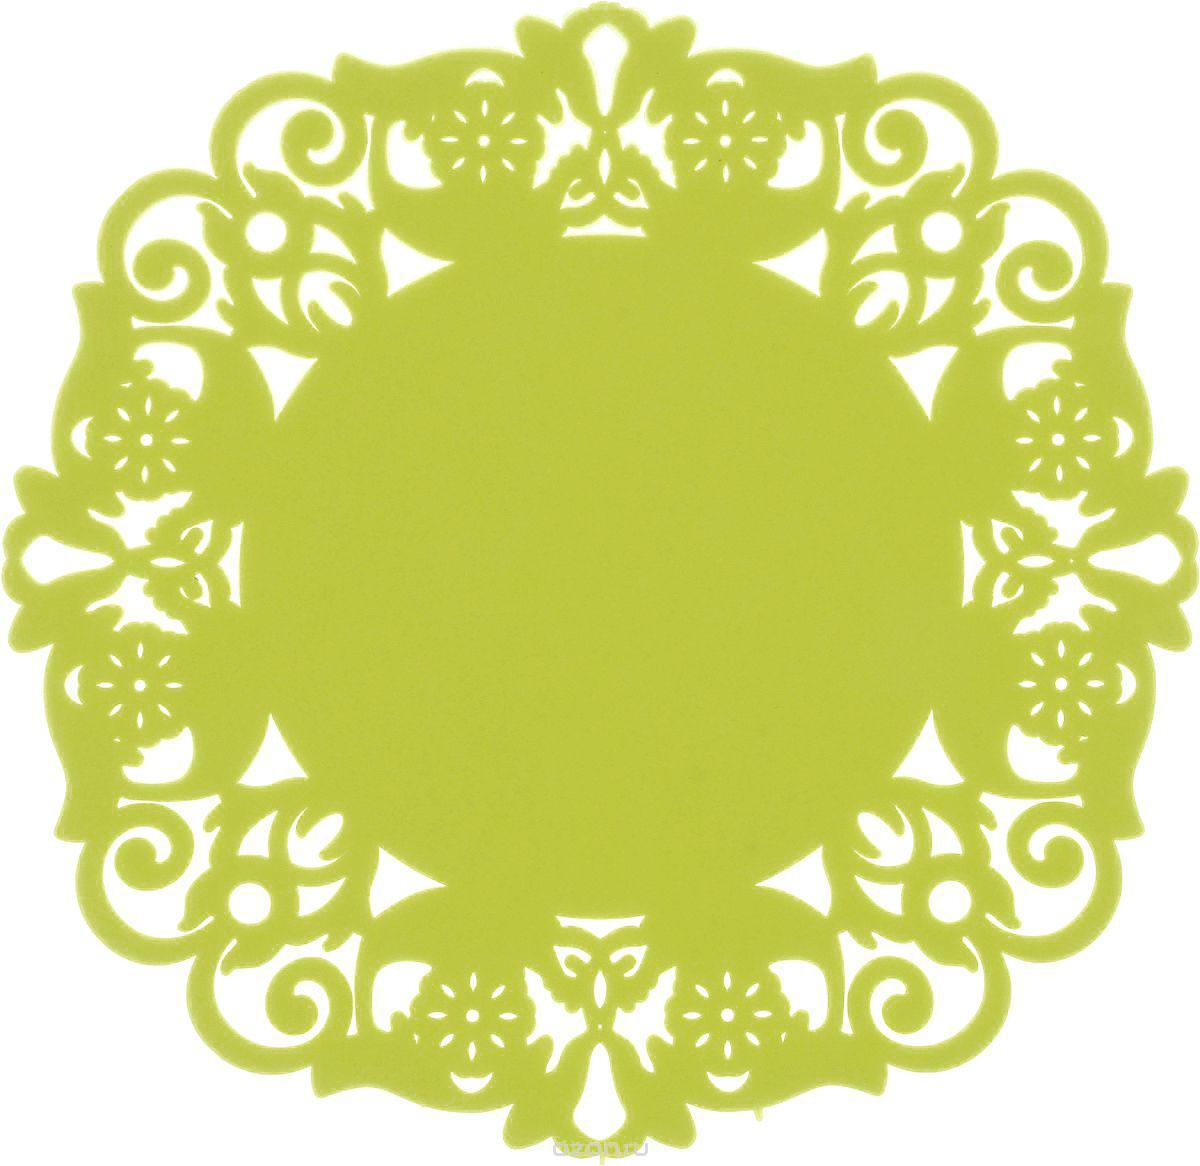 Набор подставок под горячее Доляна Чаепитие, цвет: зеленый, 10 см, 4 шт812066_зеленыйСиликоновая подставка под горячее - практичный предмет, который обязательно пригодится в хозяйстве. Изделие поможет сберечь столы, тумбы, скатерти и клеенки от повреждения нагретыми сковородами, кастрюлями, чайниками и тарелками.